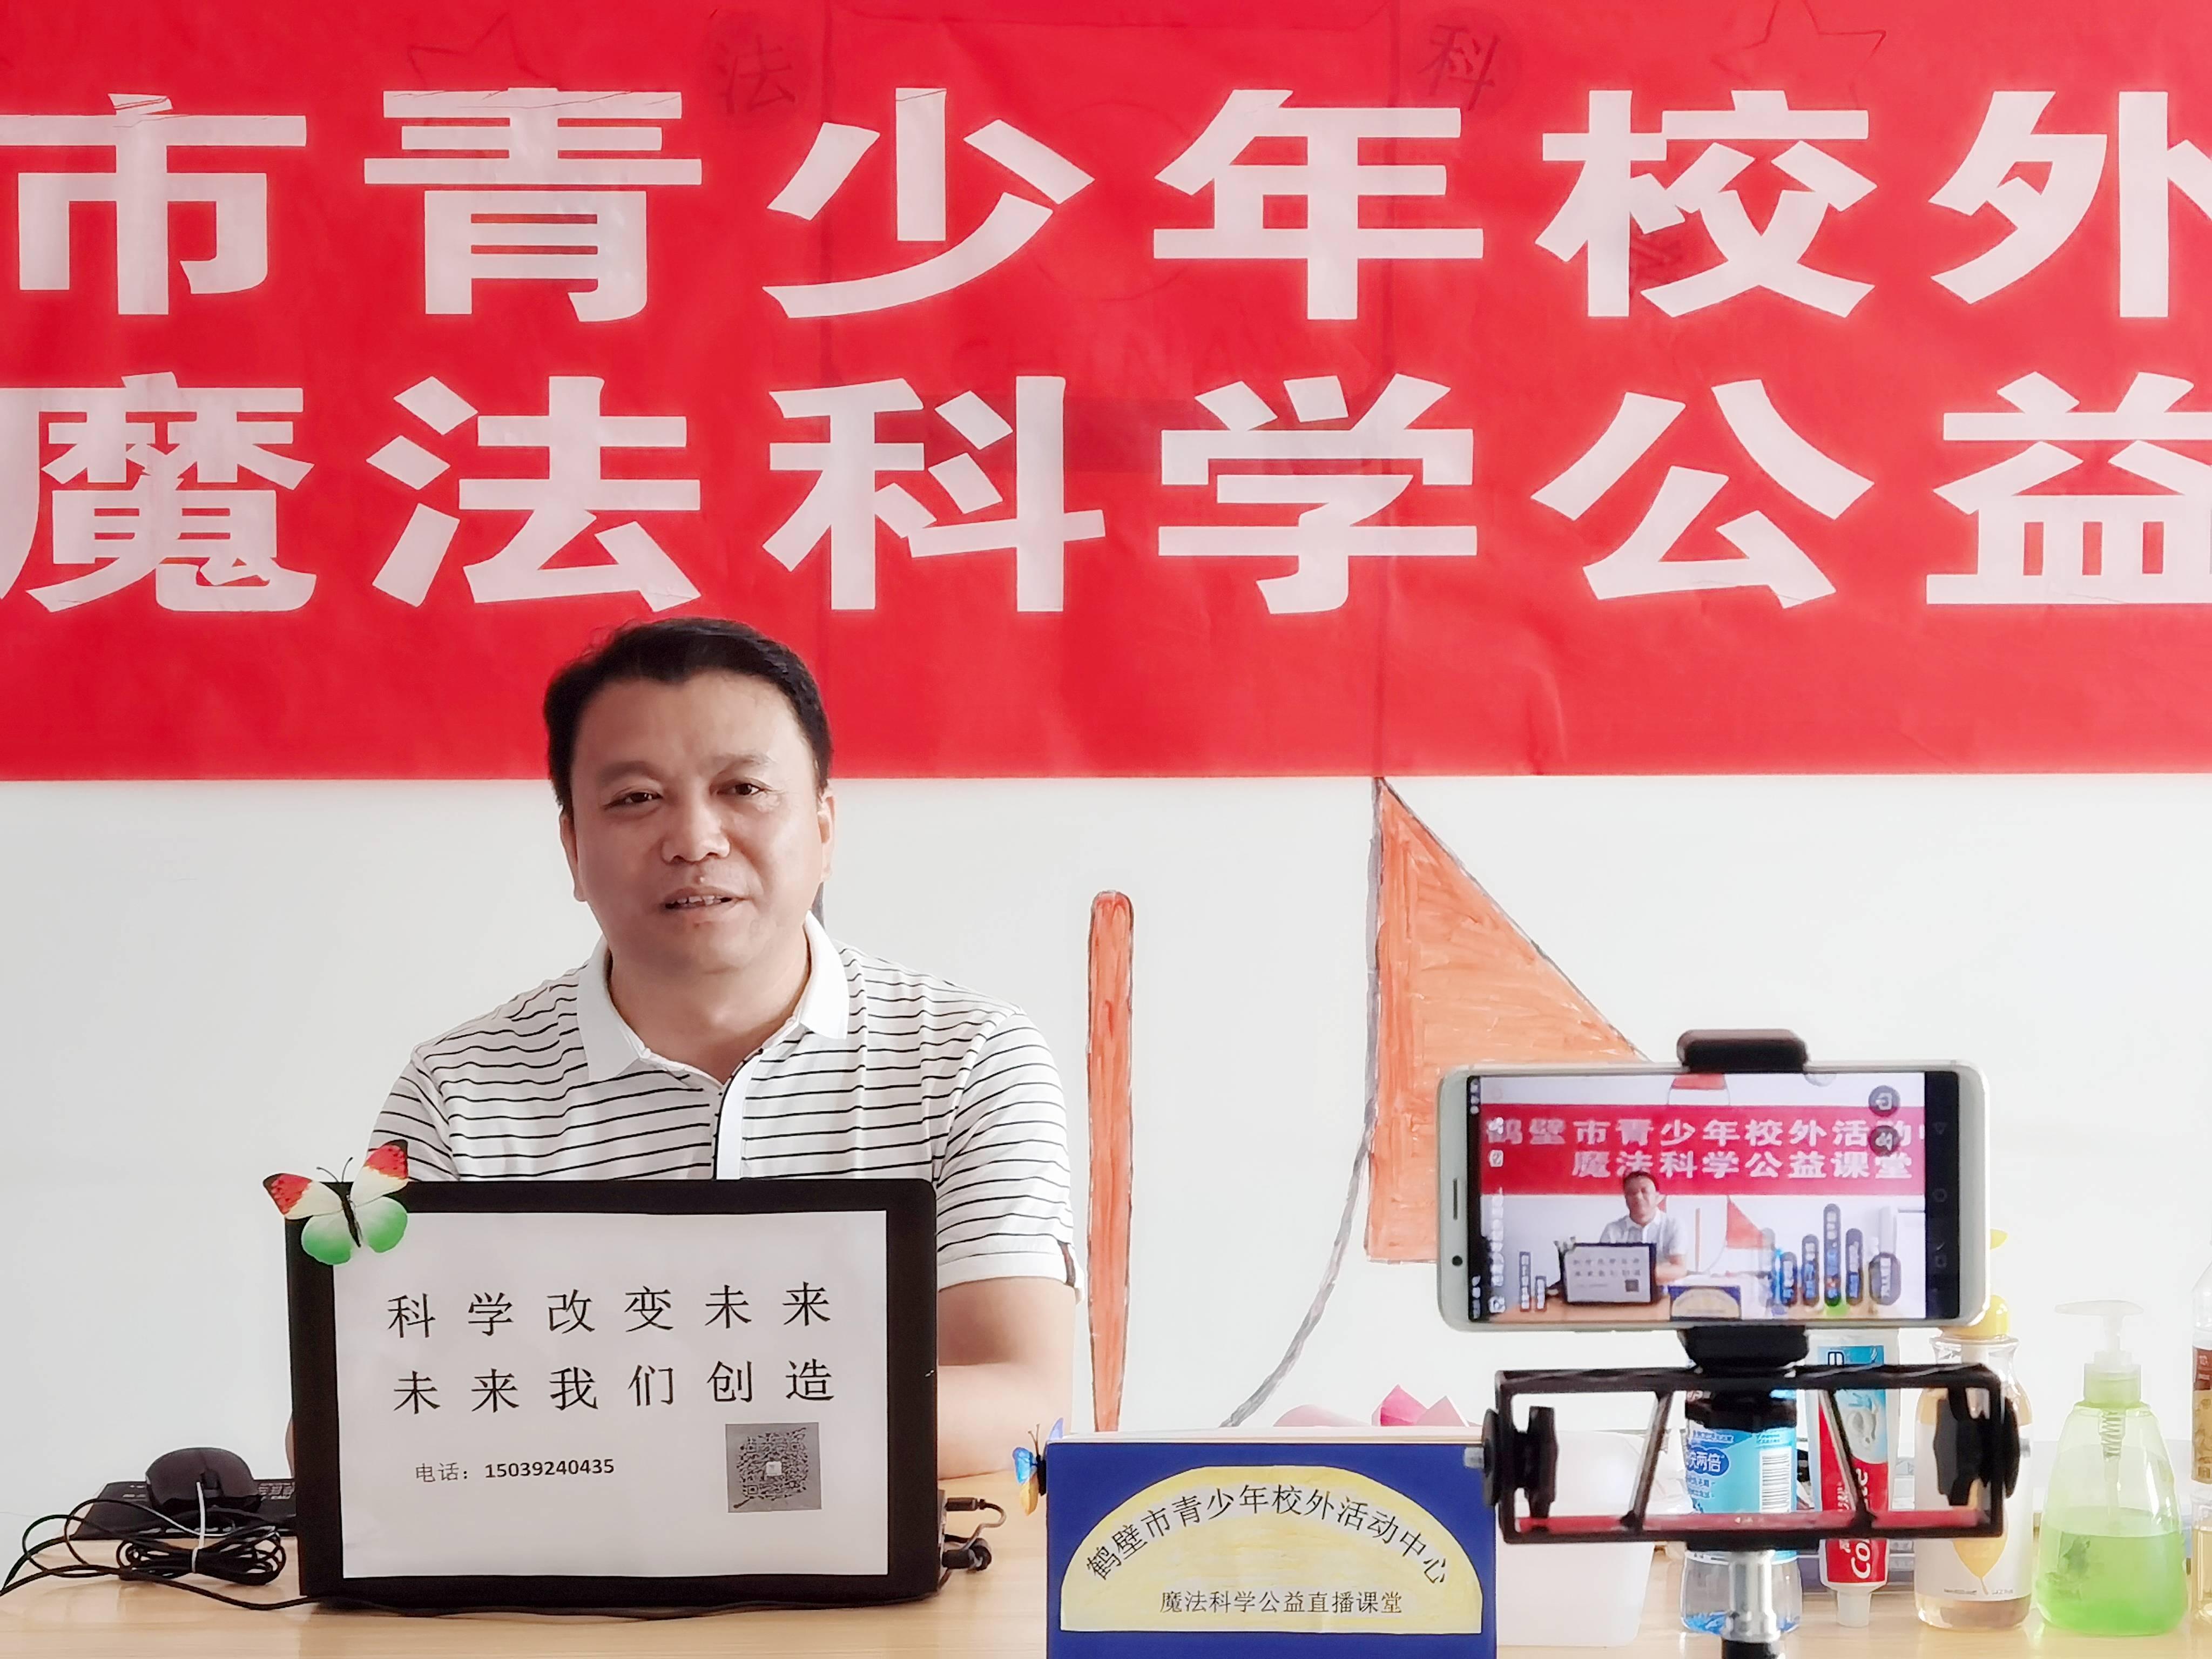 河南鹤壁:公益直播伴你学好科学课